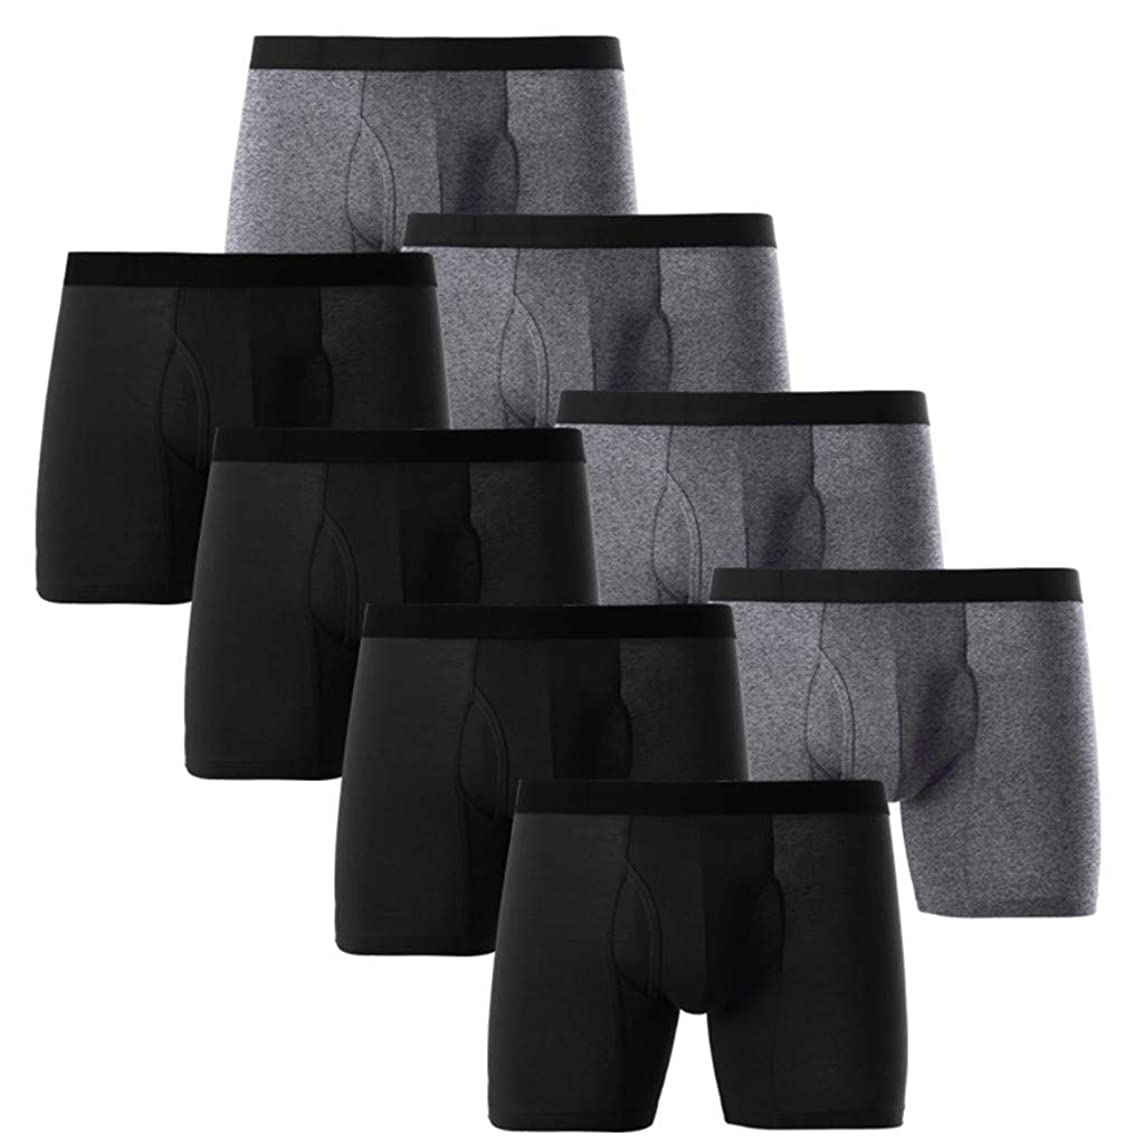 Soft Cotton Underwears Men,Donci Pouch Fit Size Thin Breathable Daily Underpants 4pc Short Leg Boxer Shorts